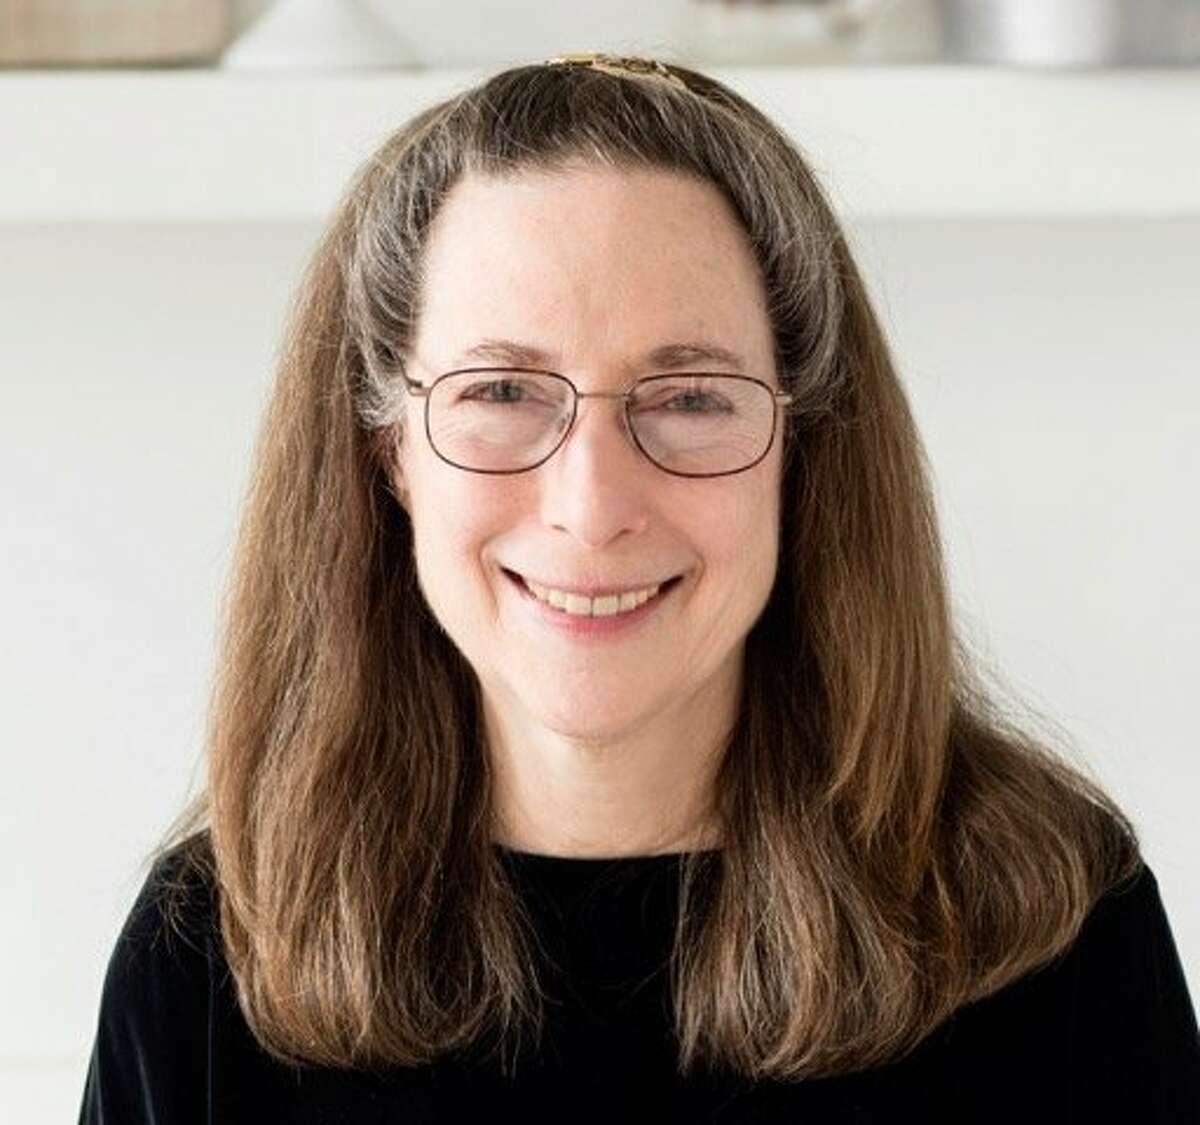 Rose Levy Beranbaum, author of